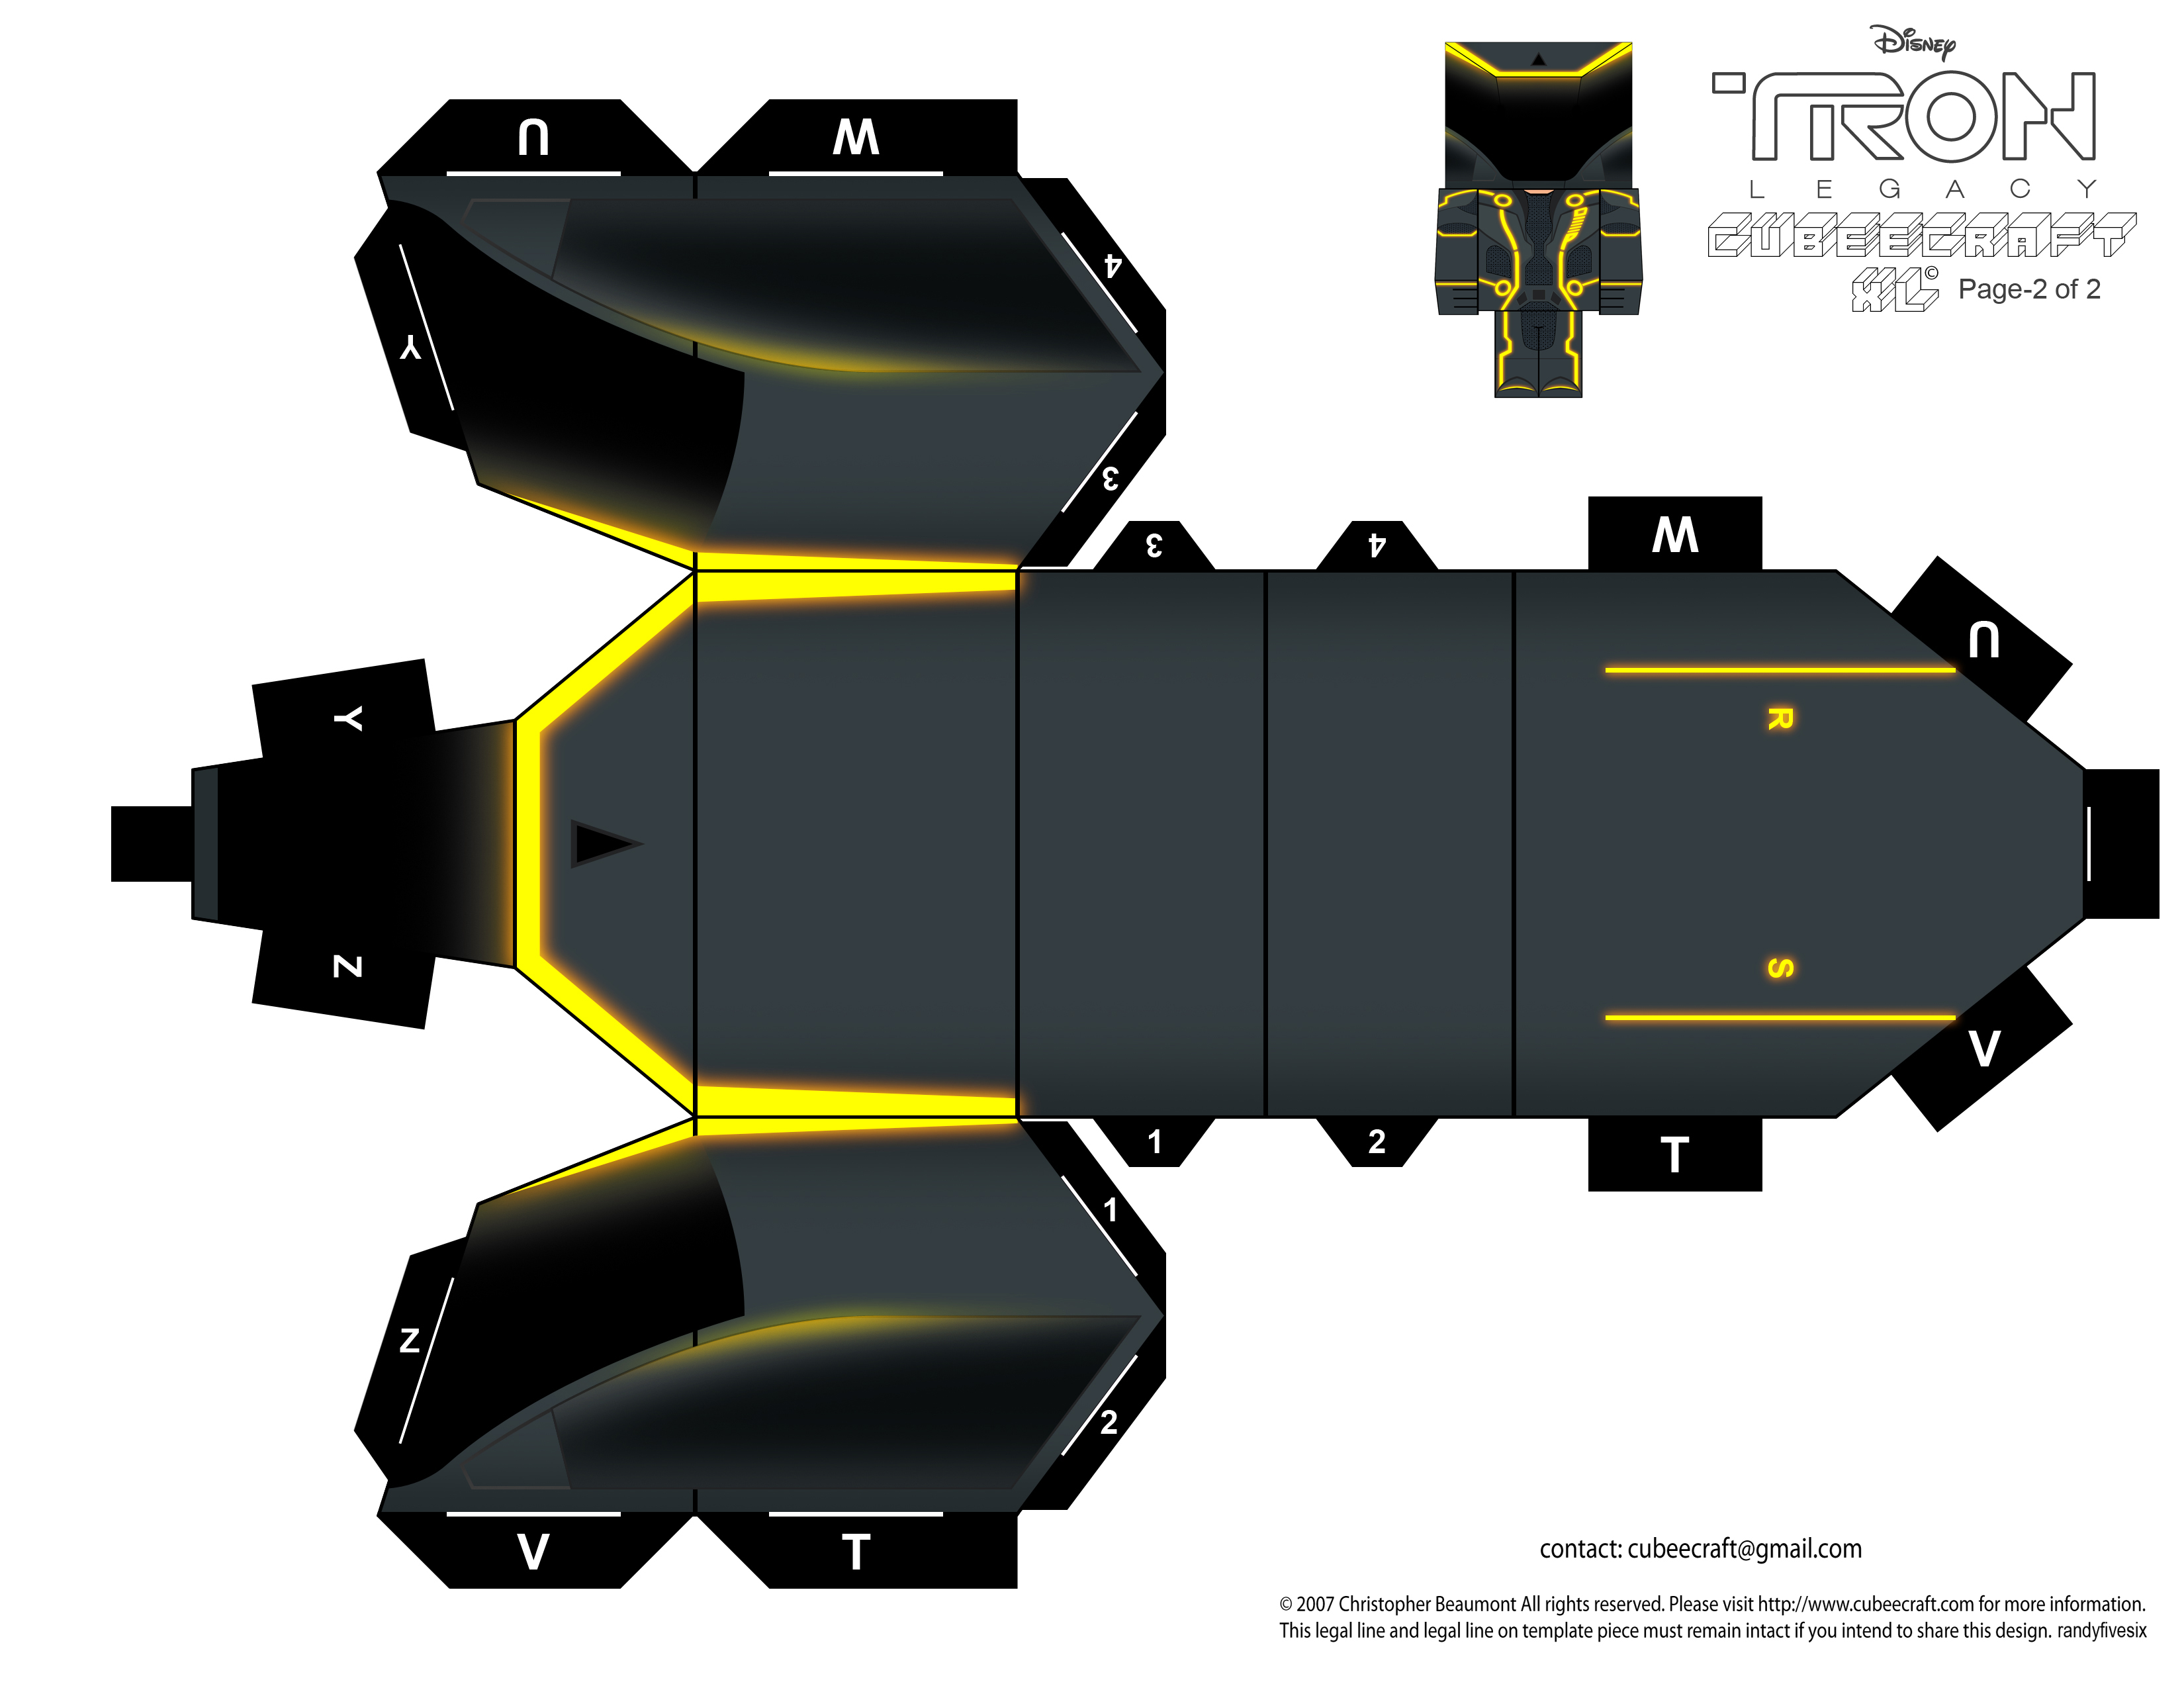 TRON CLU cubeecraft XL pt2 by randyfivesix